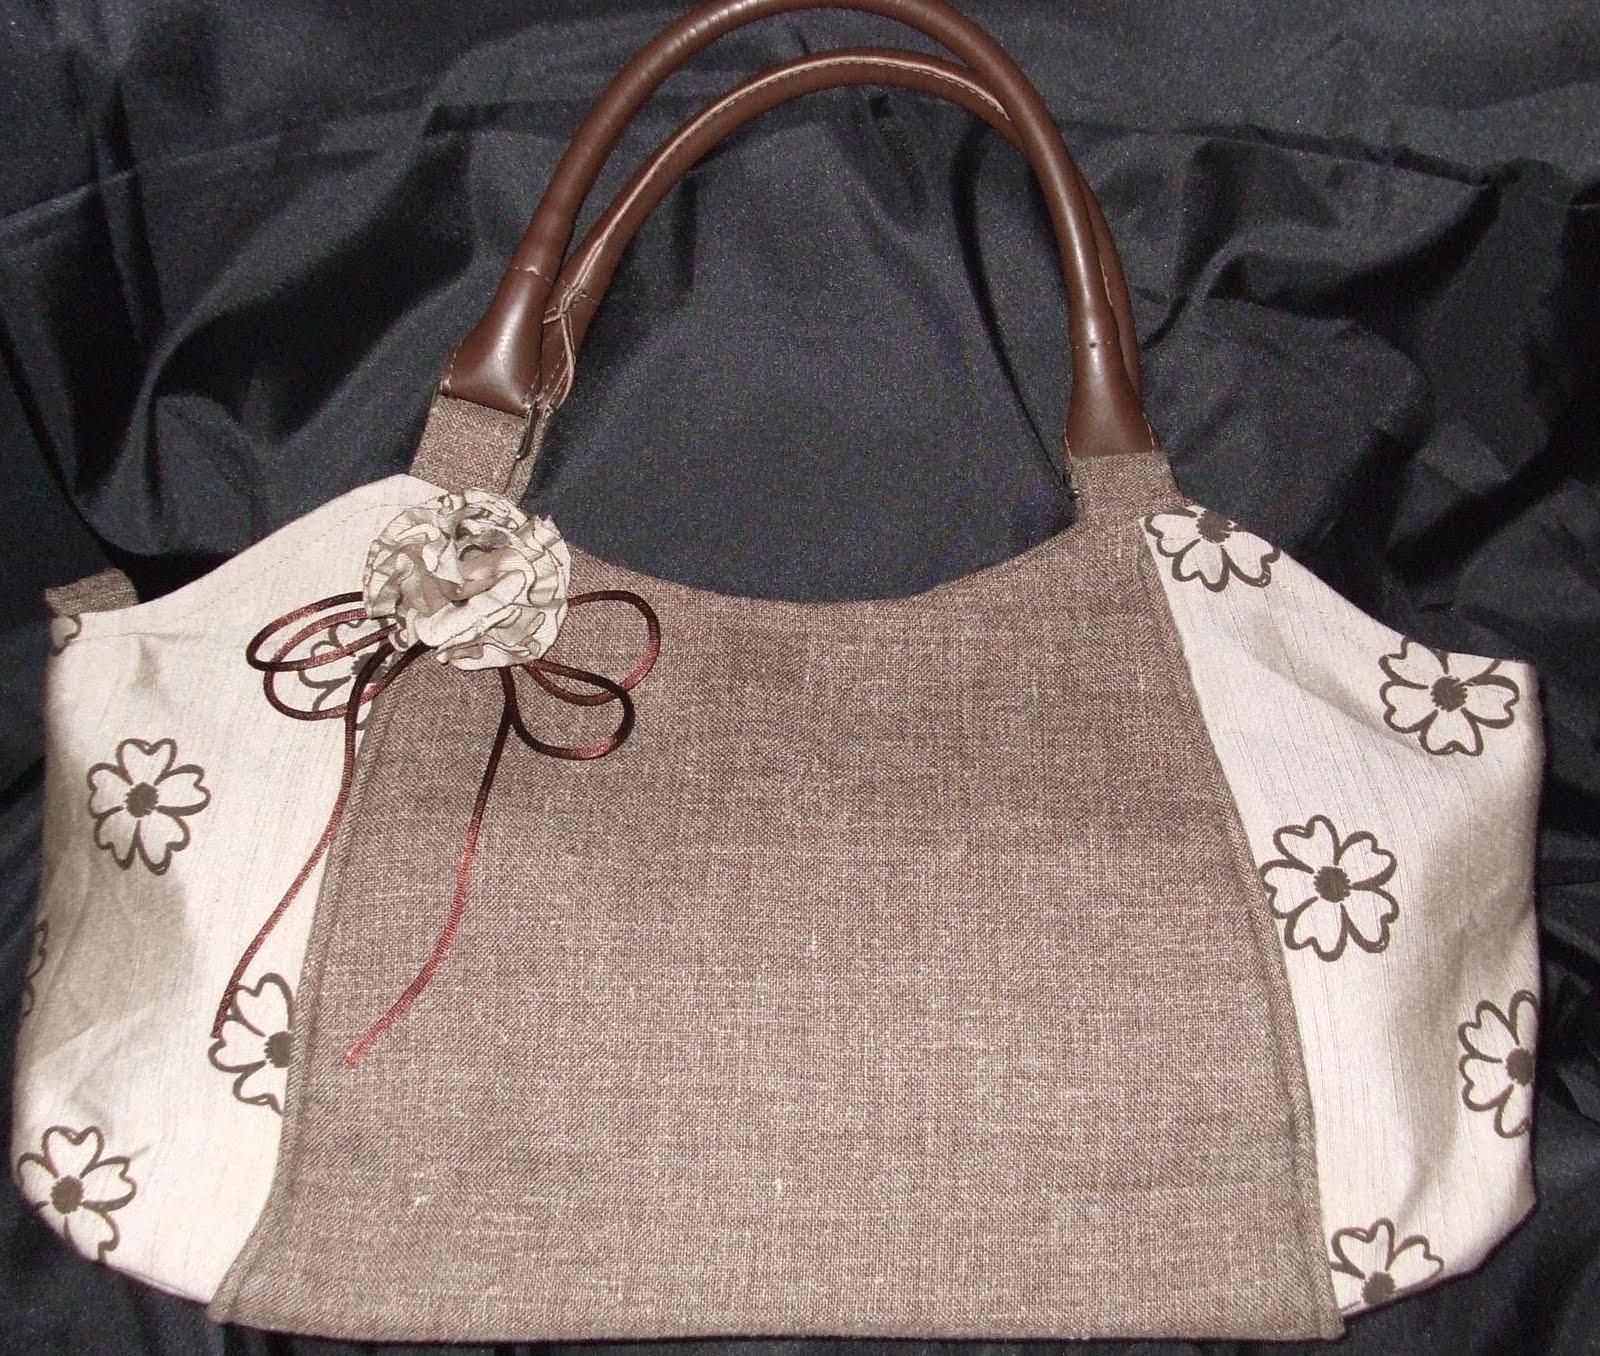 Bolsa De Tecido Artesanal : Meri l slings e bolsas de tecido com al?as